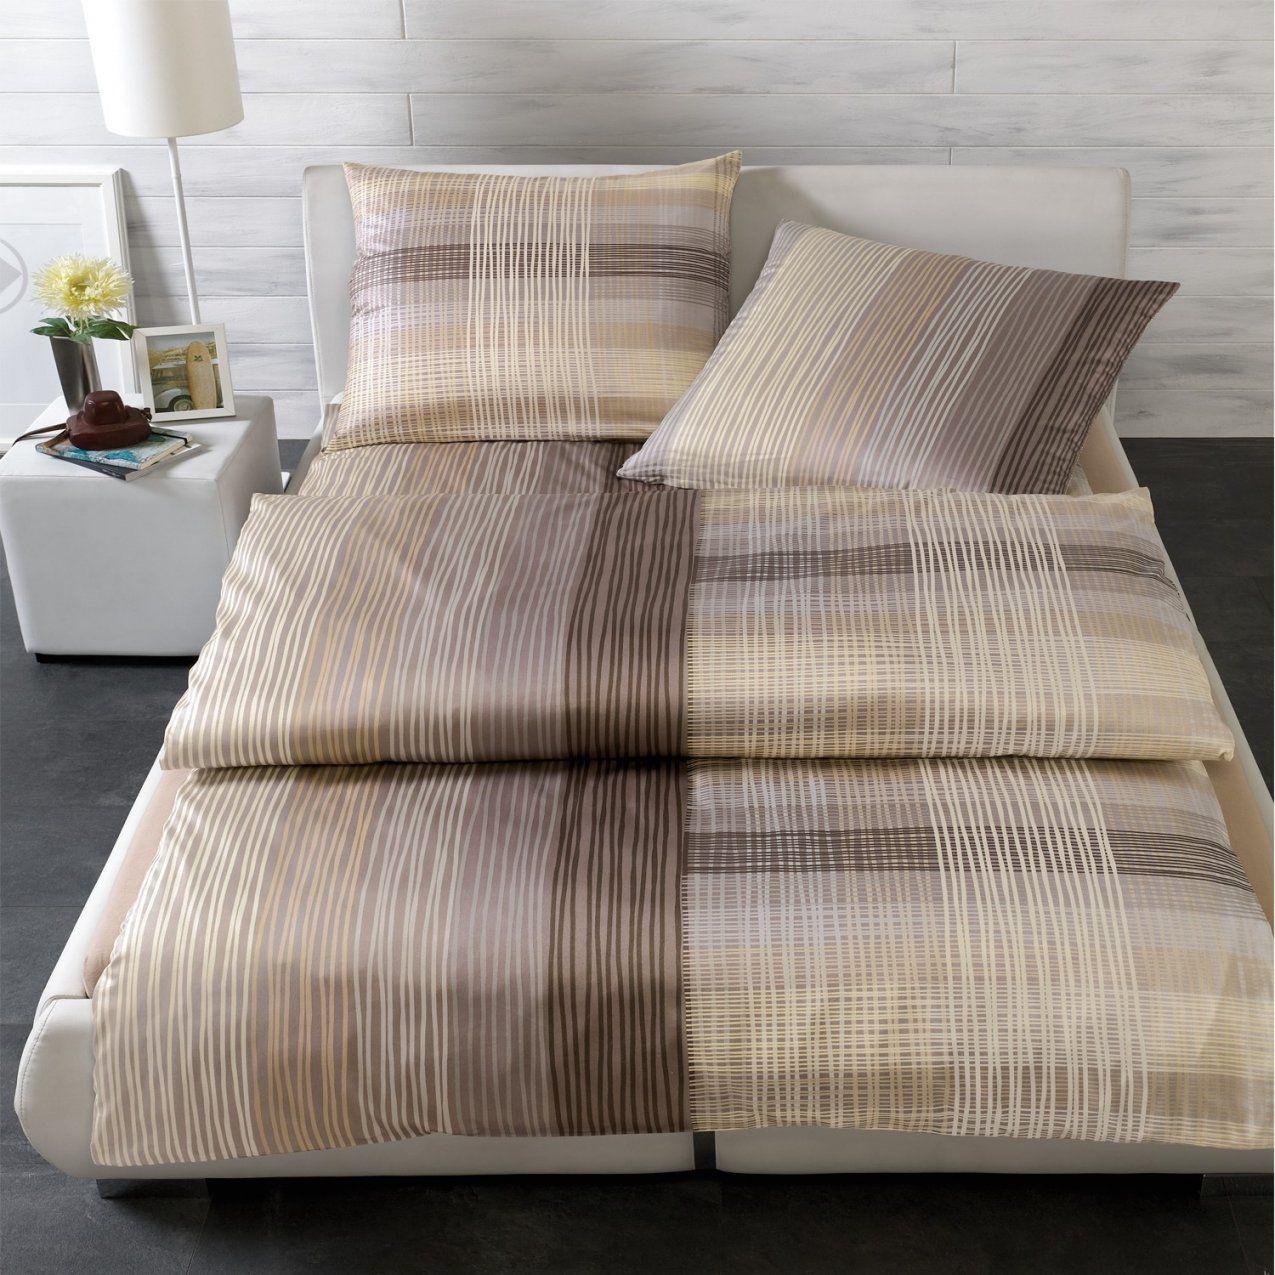 estella bettw sche reduziert haus design ideen. Black Bedroom Furniture Sets. Home Design Ideas